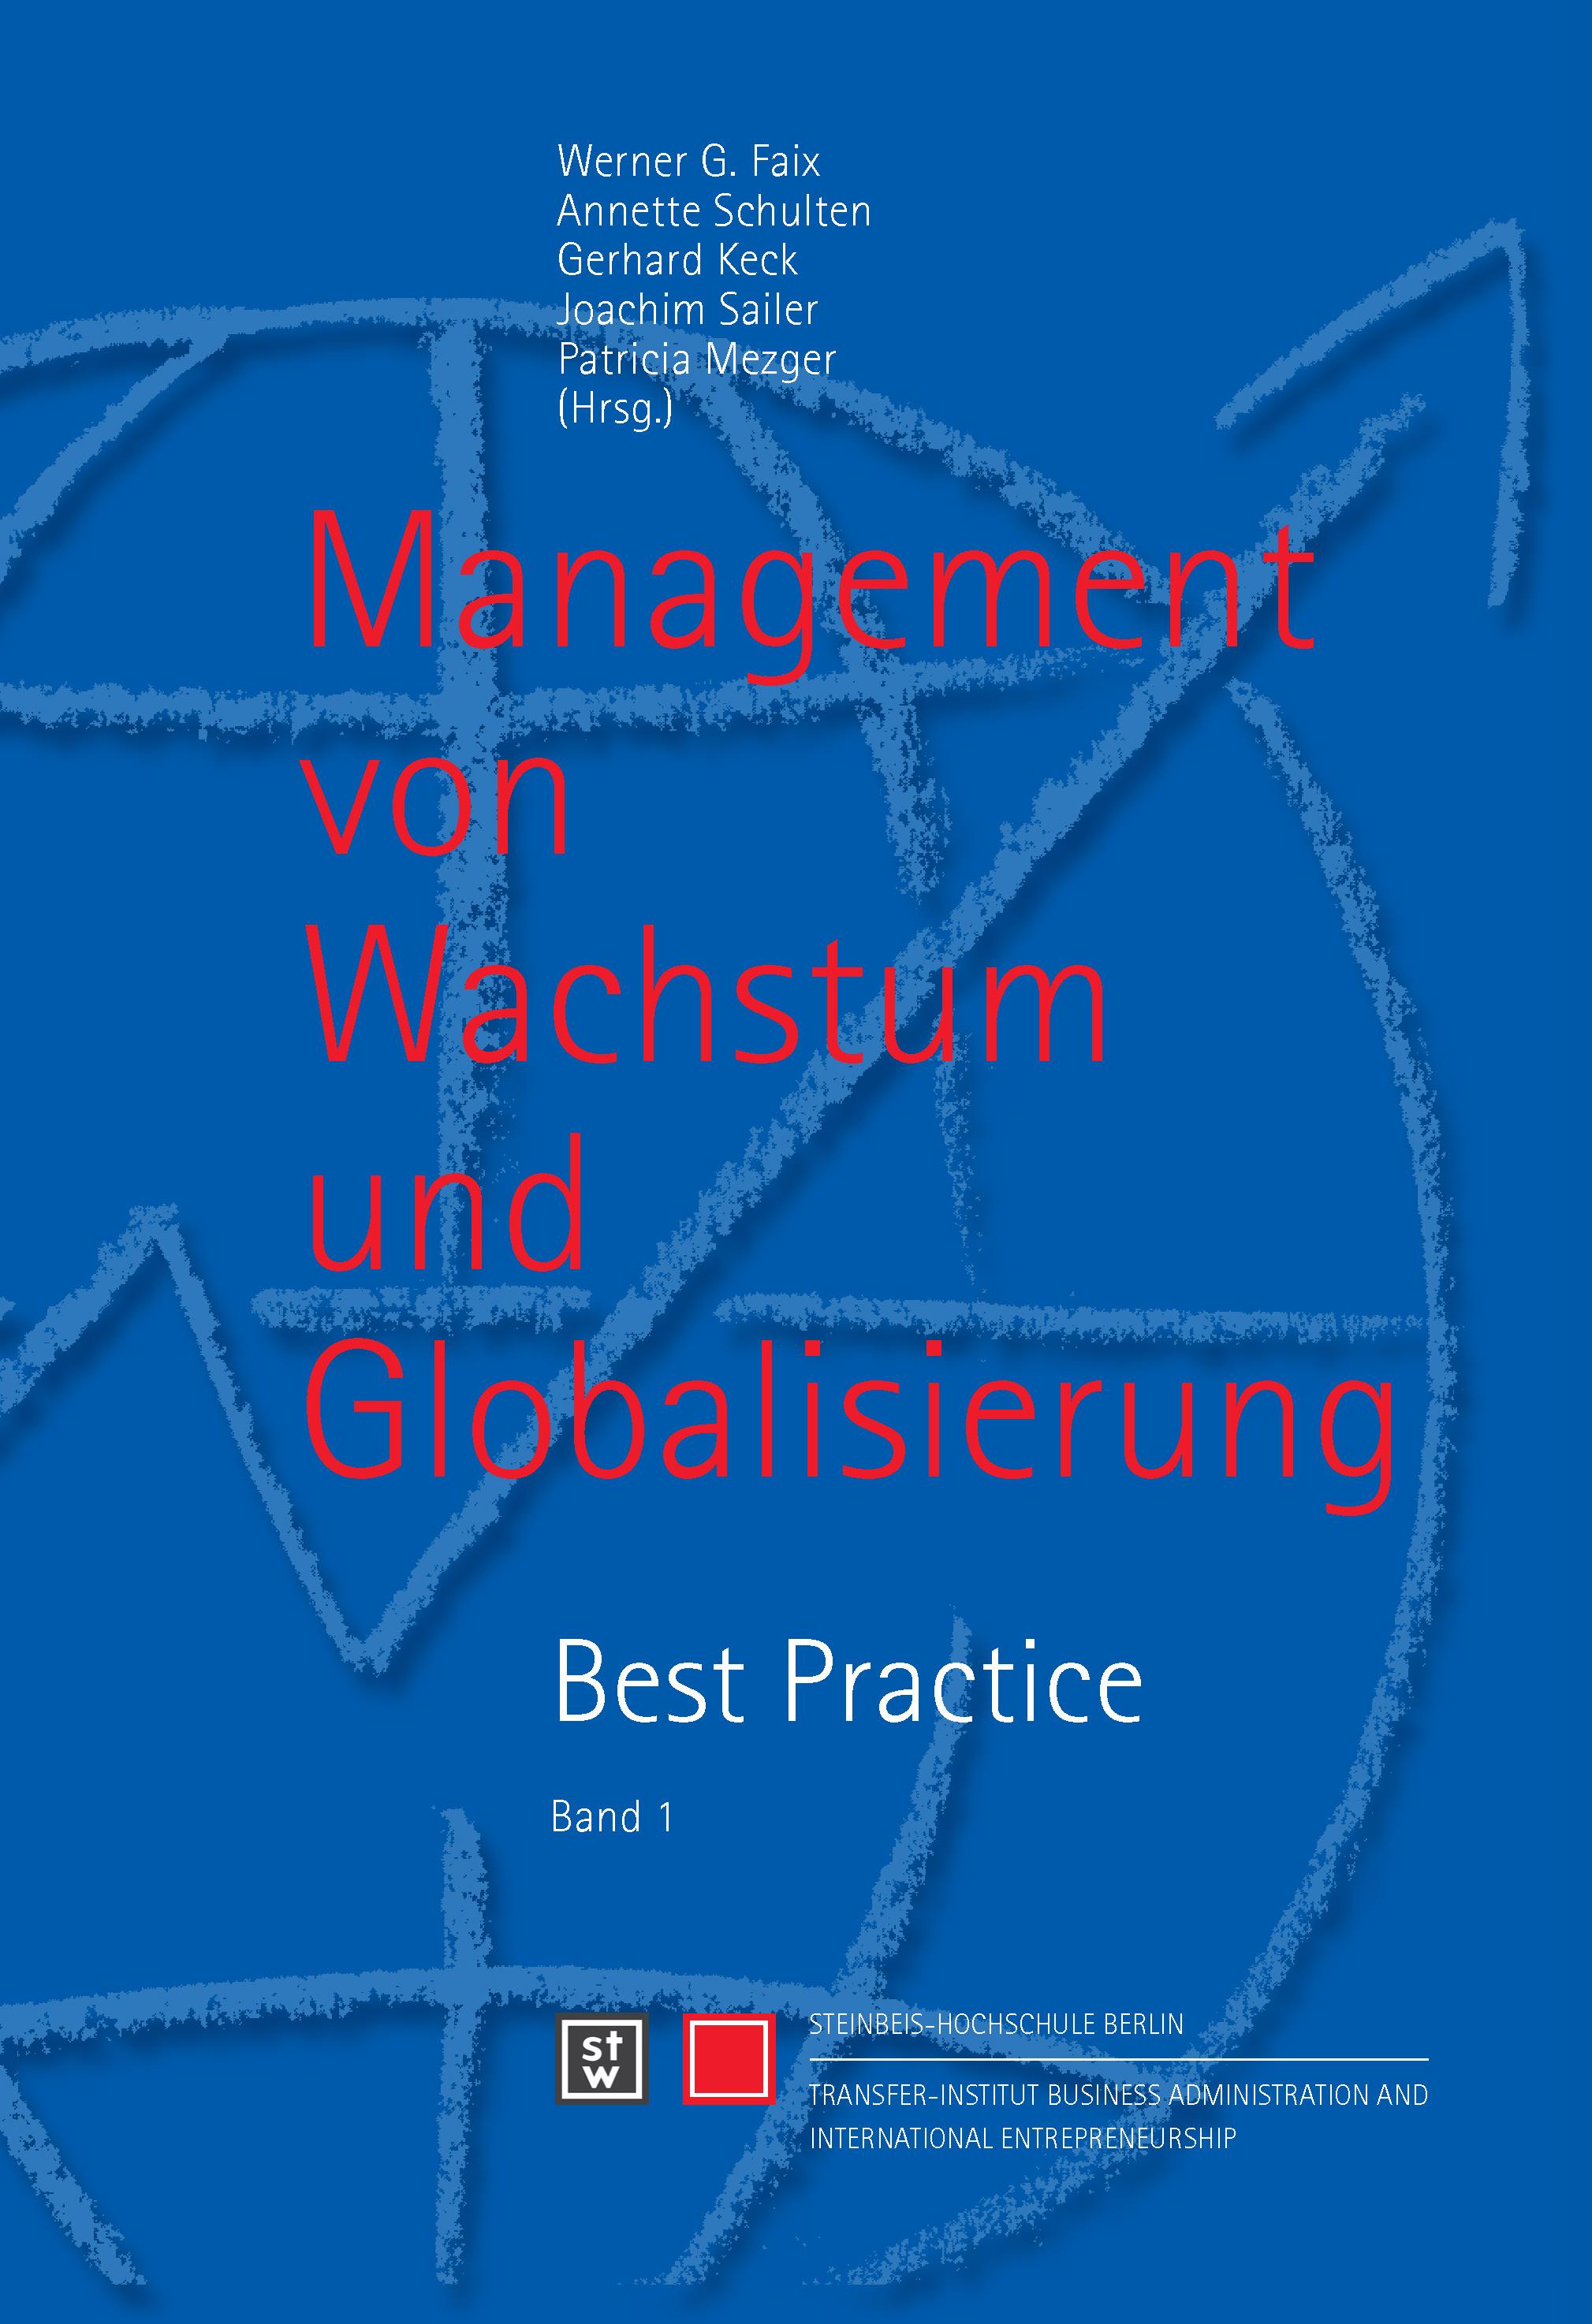 Management von Wachstum und Globalisierung. Best Practice. Band 1